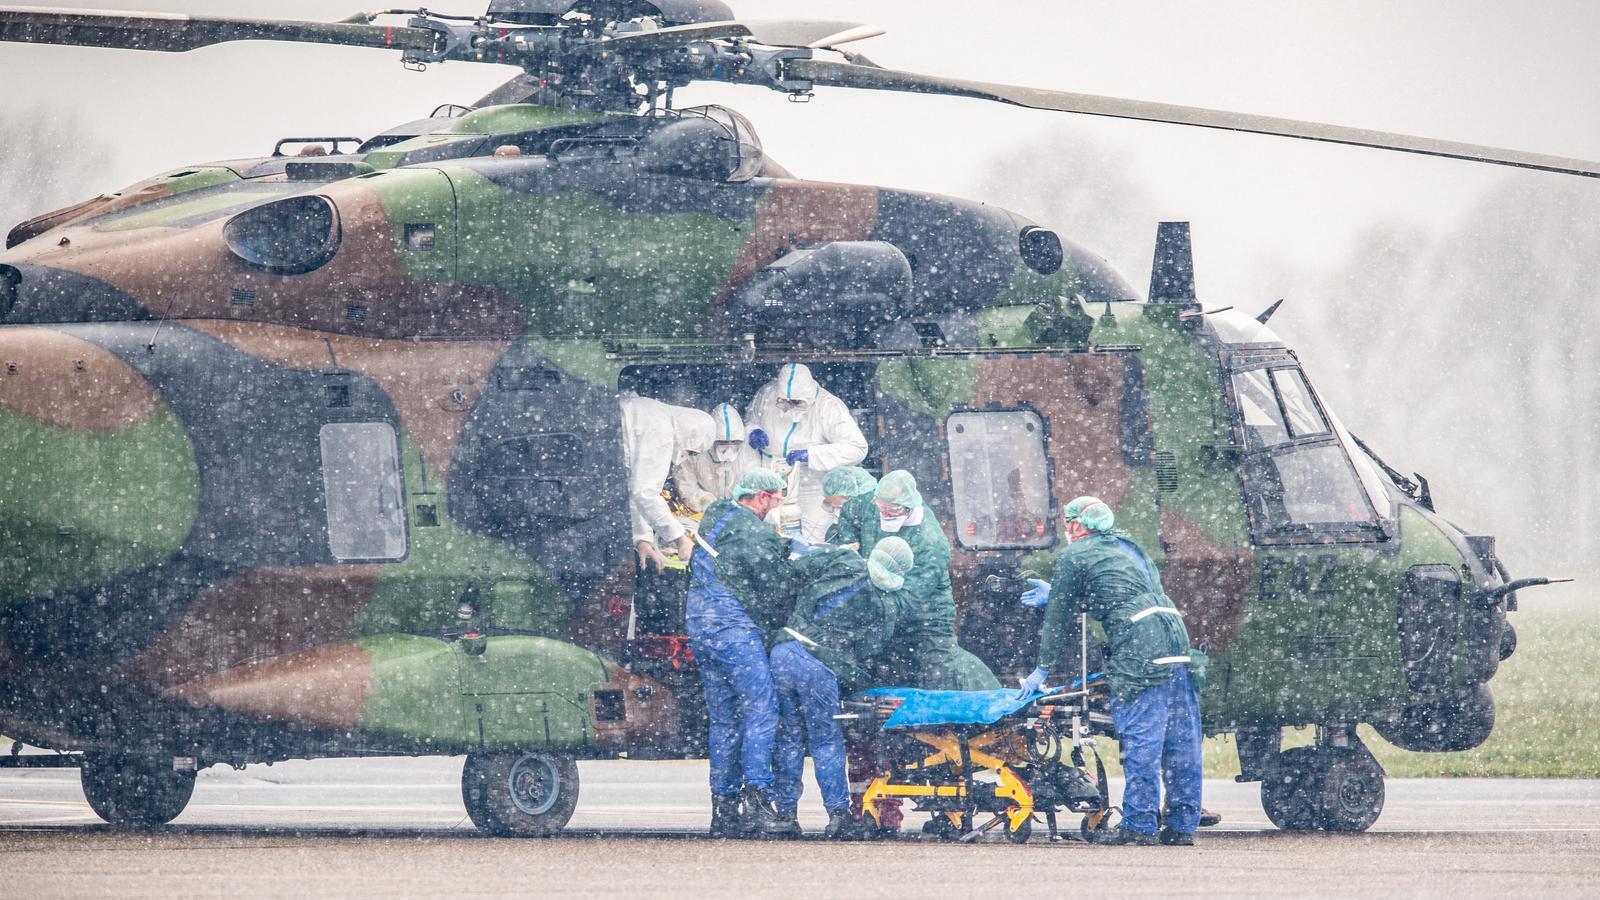 Un avió militar traslladant un malalt italià de coronavirus a un hospital alemany